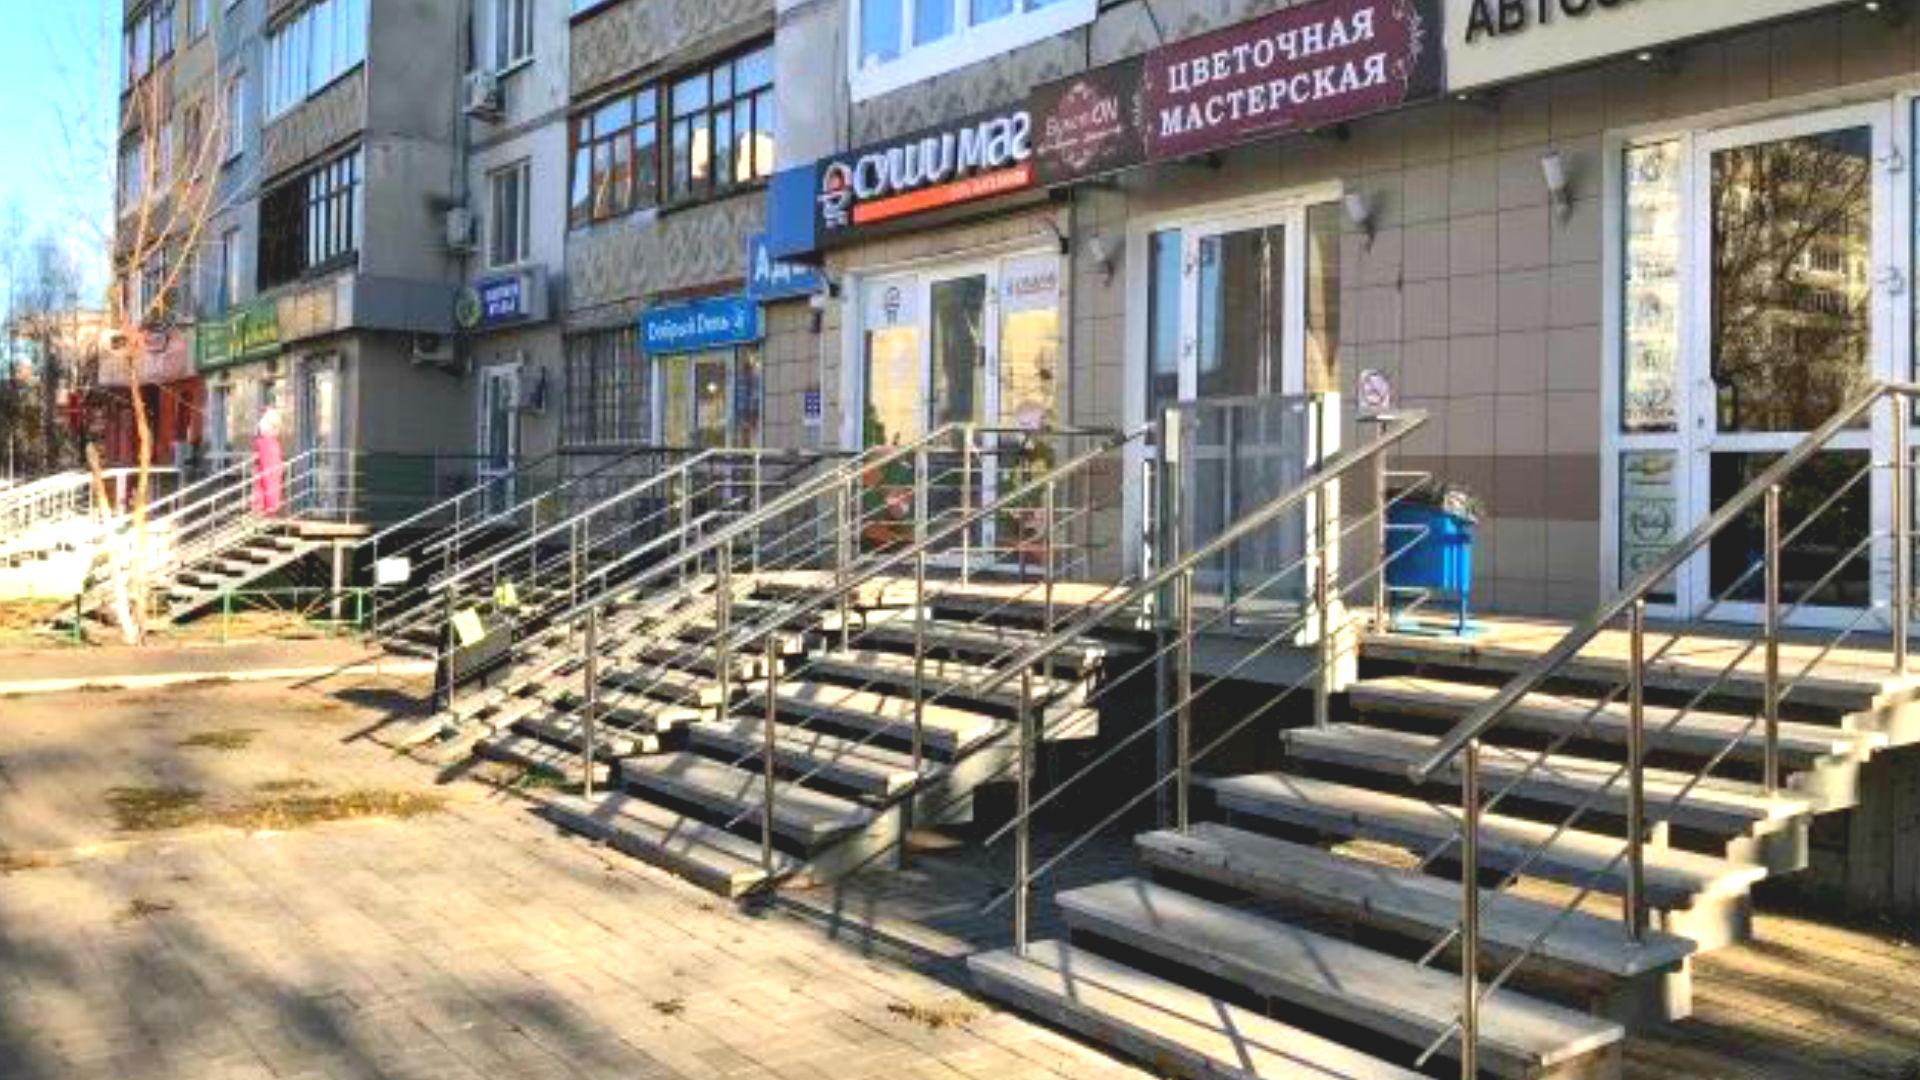 Вложение денег в коммерческую недвижимость в Уфе Сипайлово